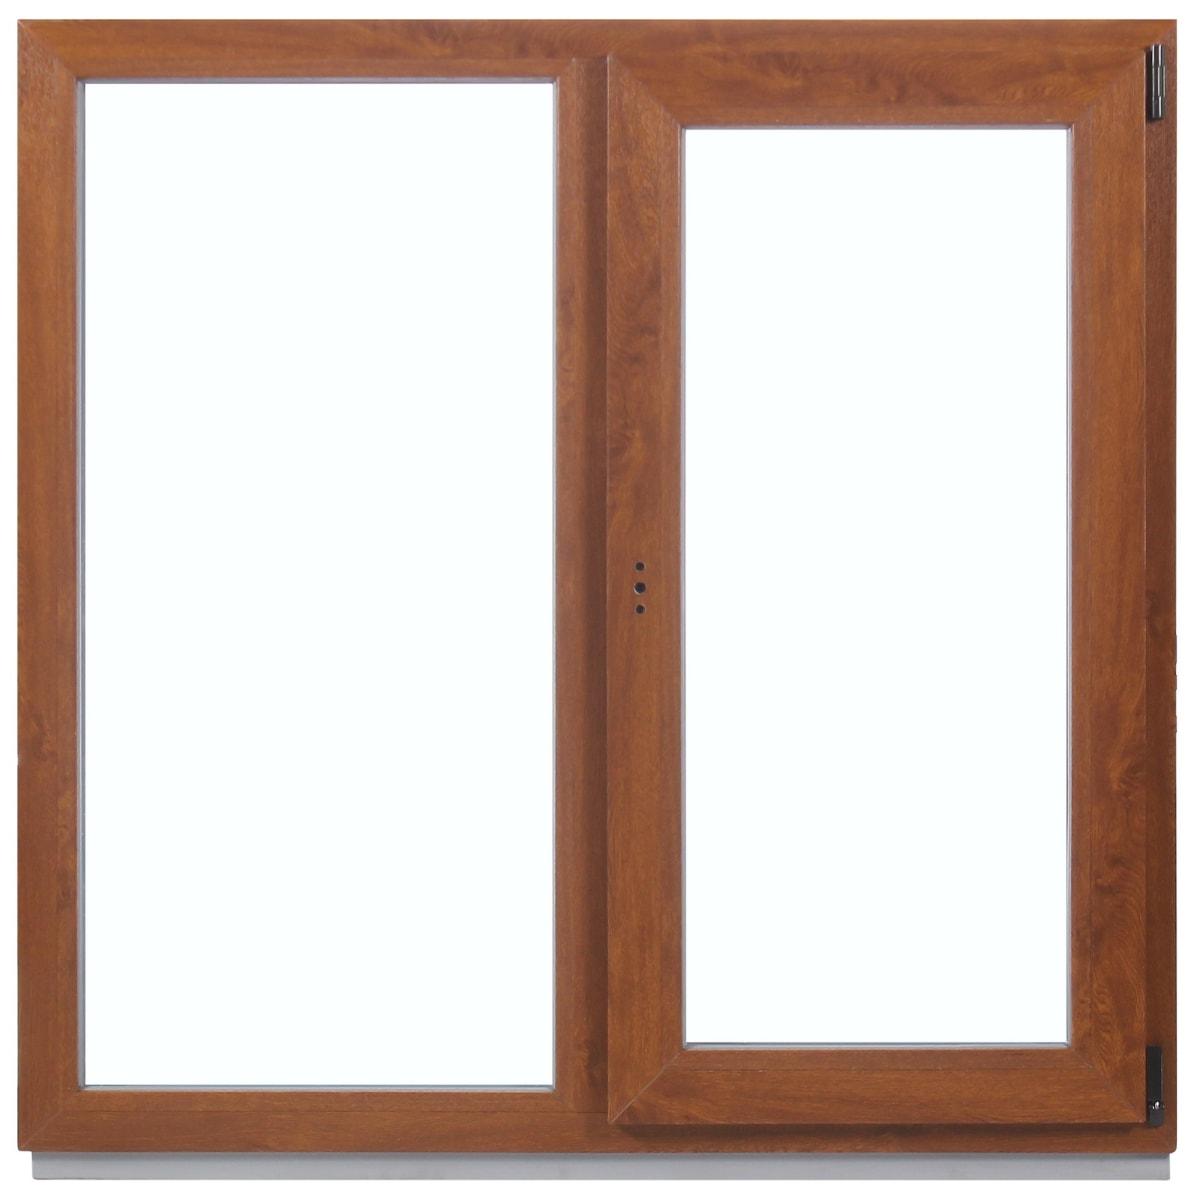 Окно ПВХ двухстворчатое, 120x100 см, глухое/поворотно-откидное правое